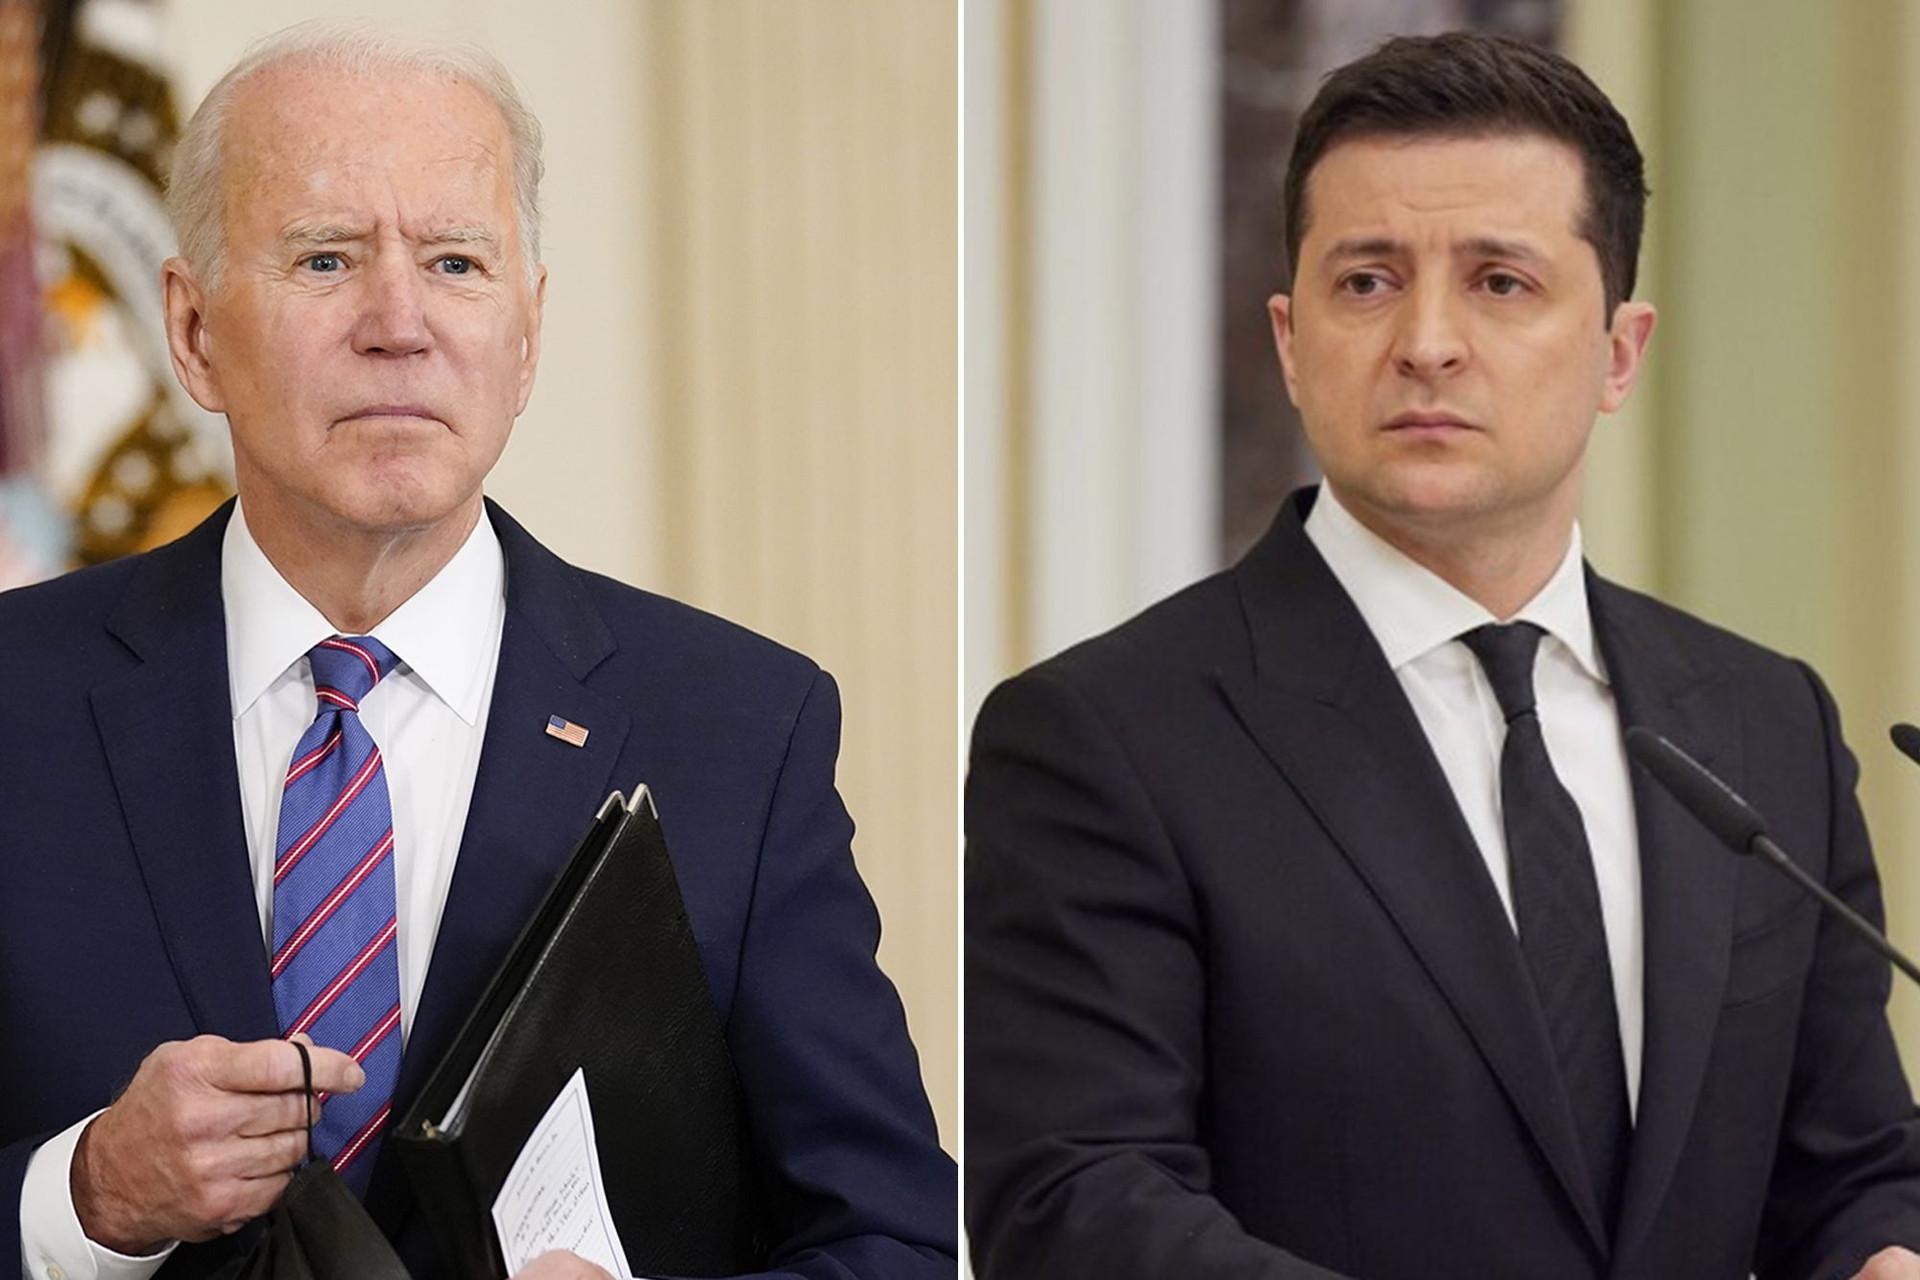 Tổng thống Mỹ Joe Biden và Tổng thống Ukraine Volodymyr Zelensky. (Nguồn: Getty)